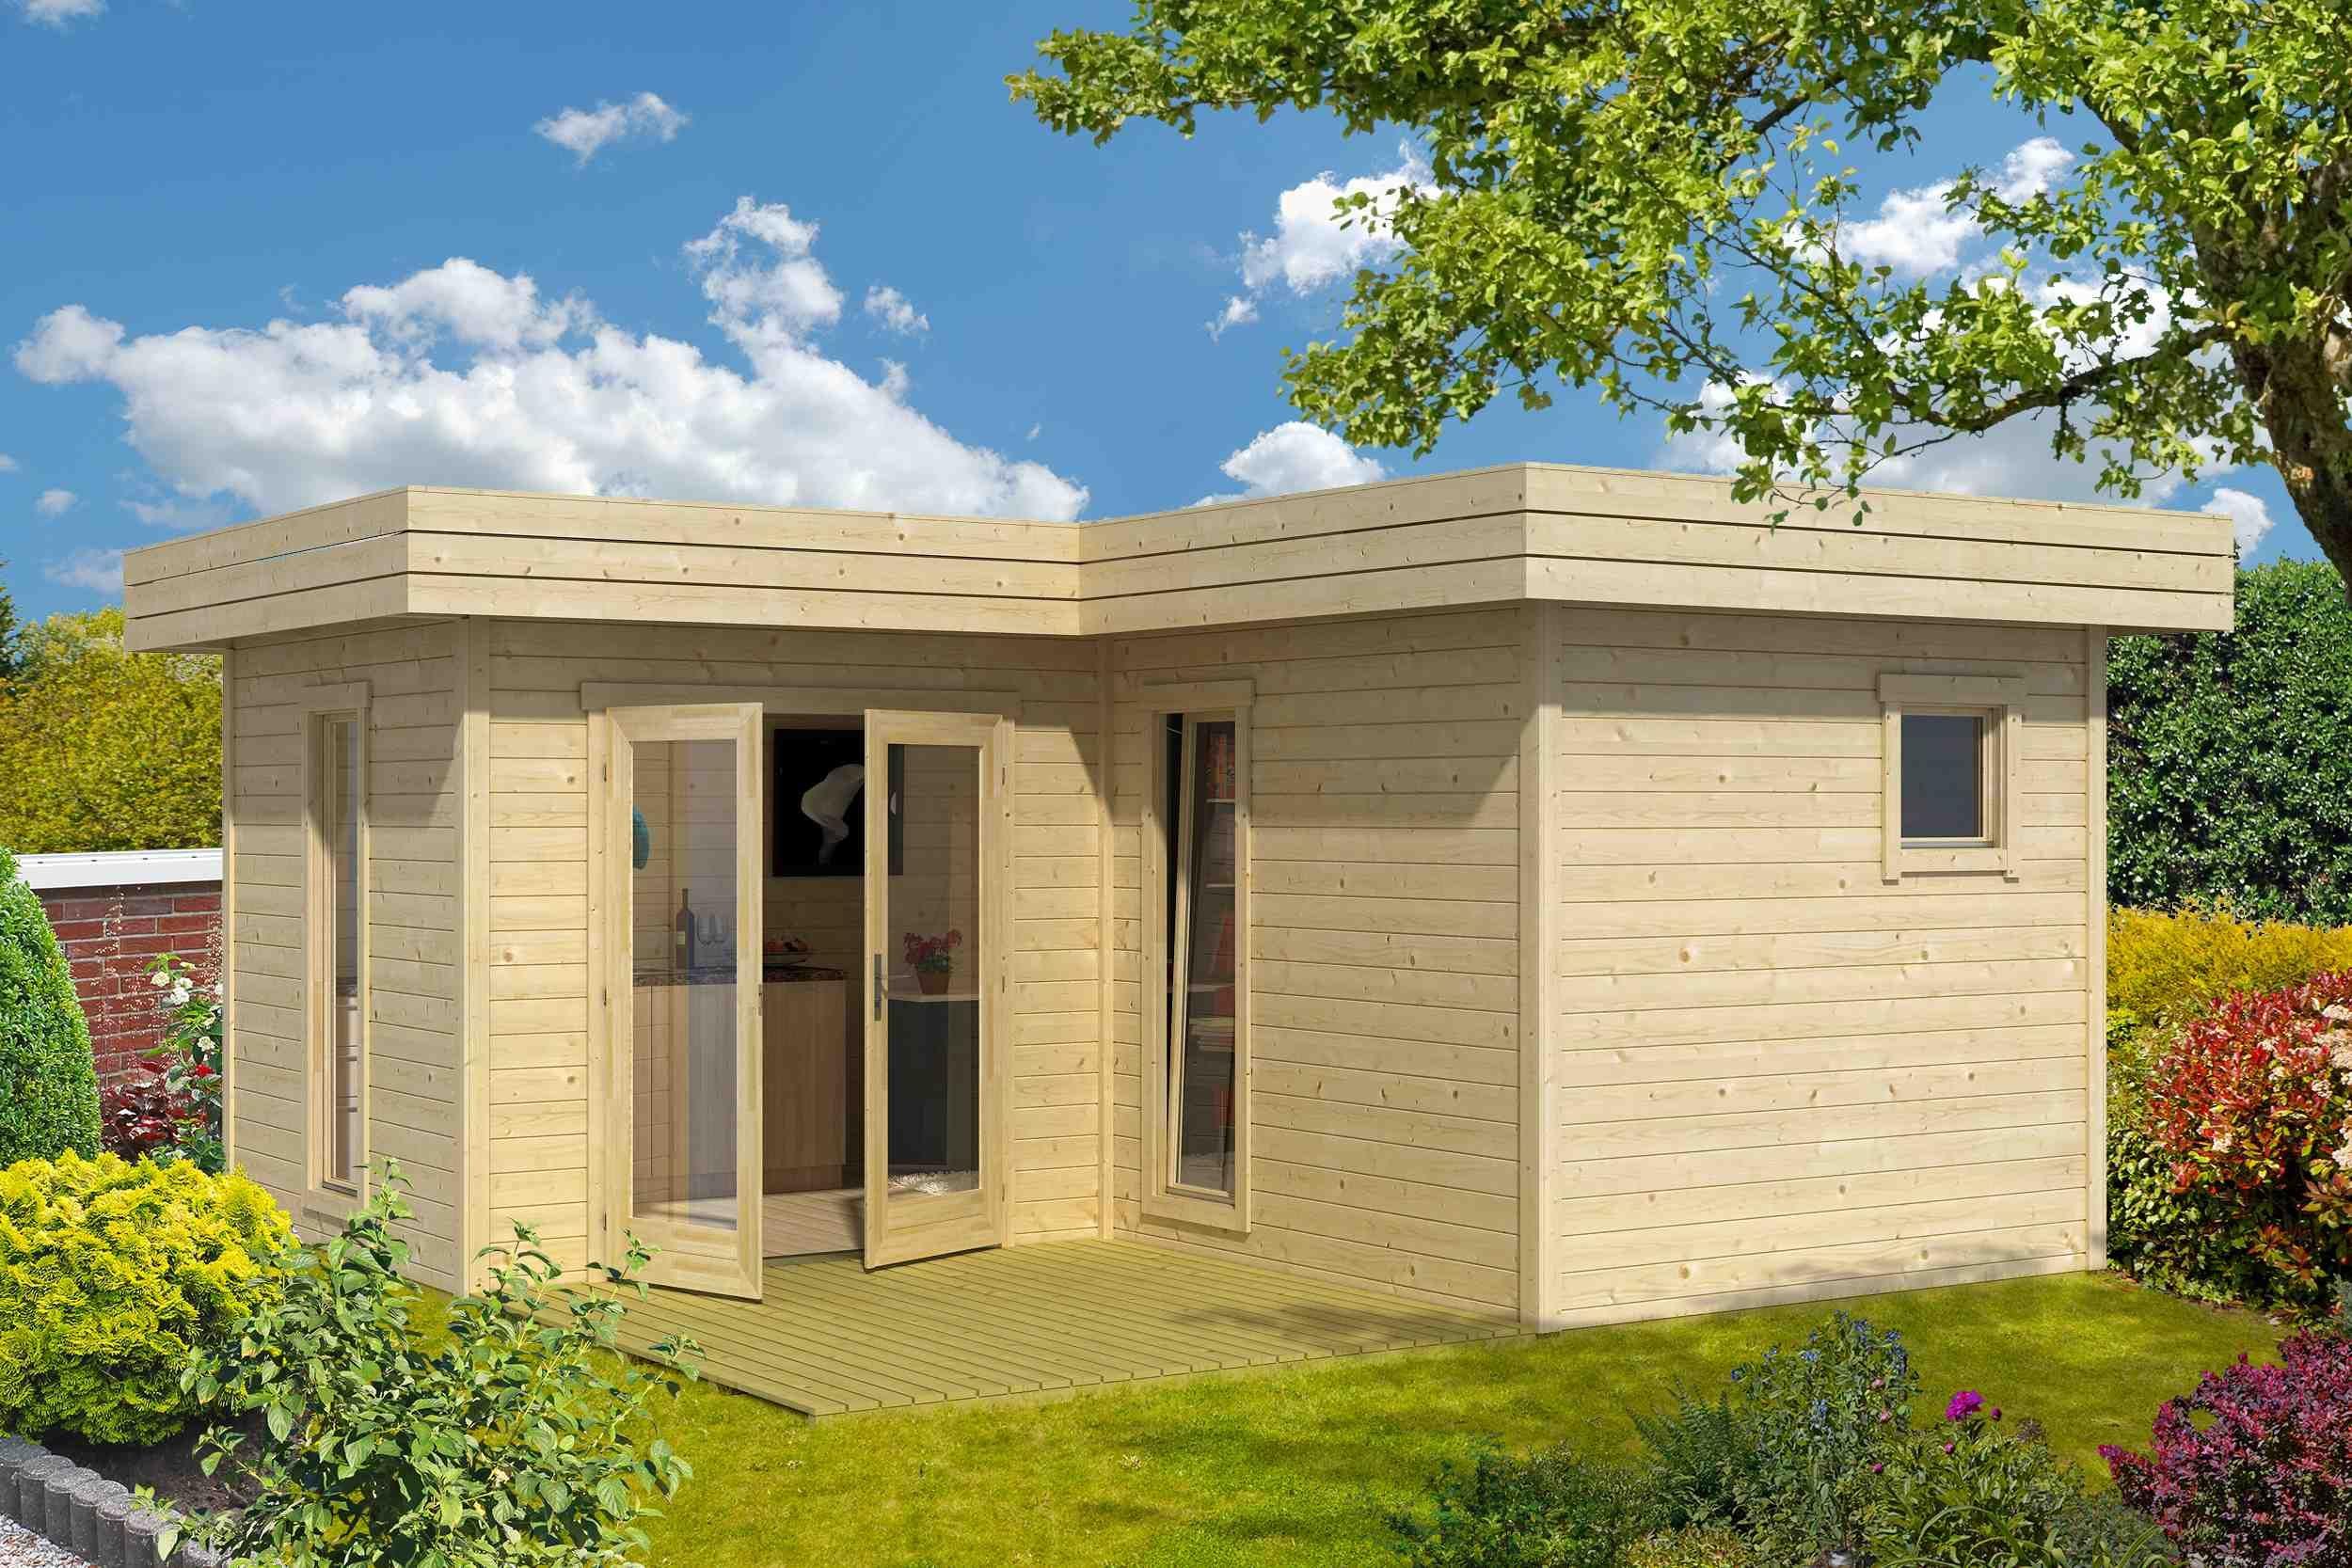 Modernes Gartenhaus mit dem flachdach gartenhaus fiji lasita maja erhalten sie ein